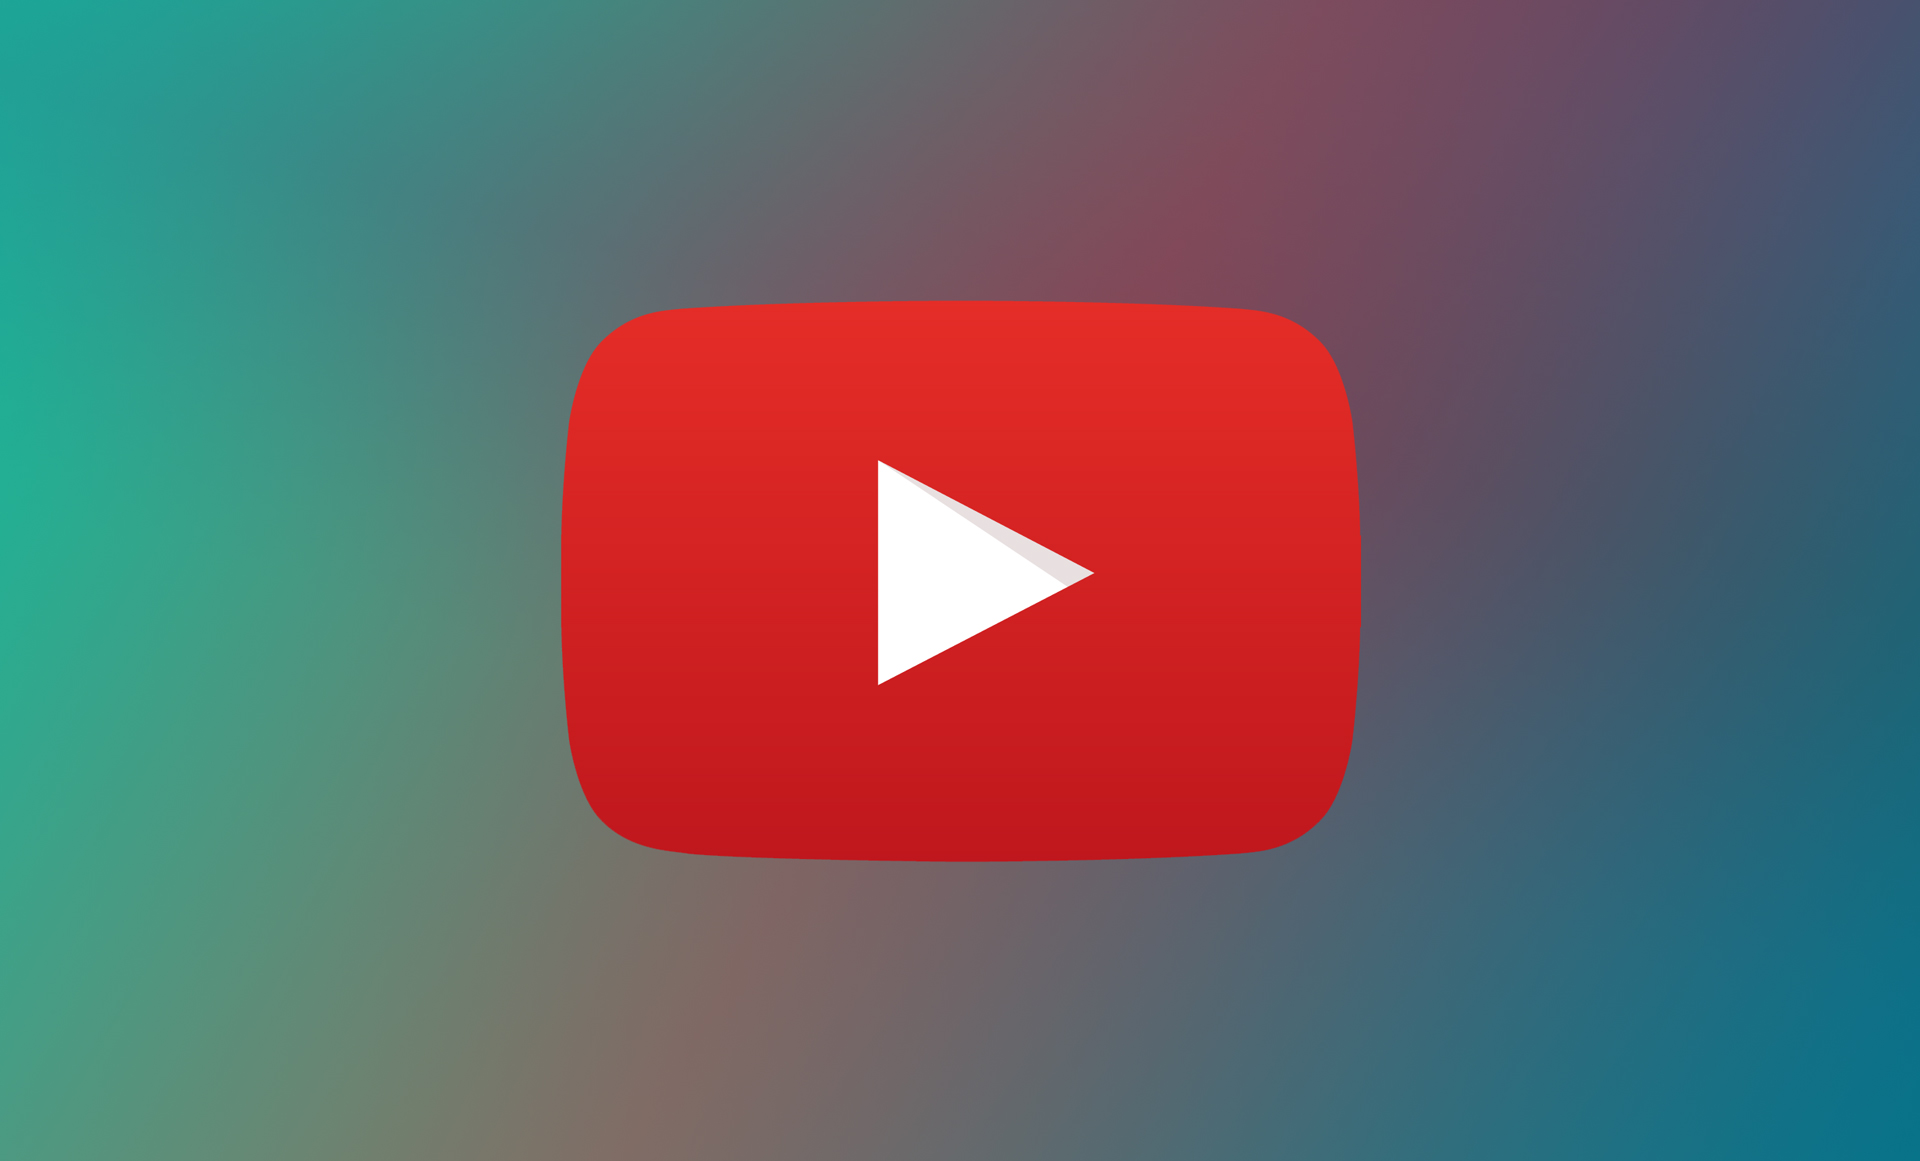 Comment trouver des sujets de vidéo ? - le blog Vidmizer